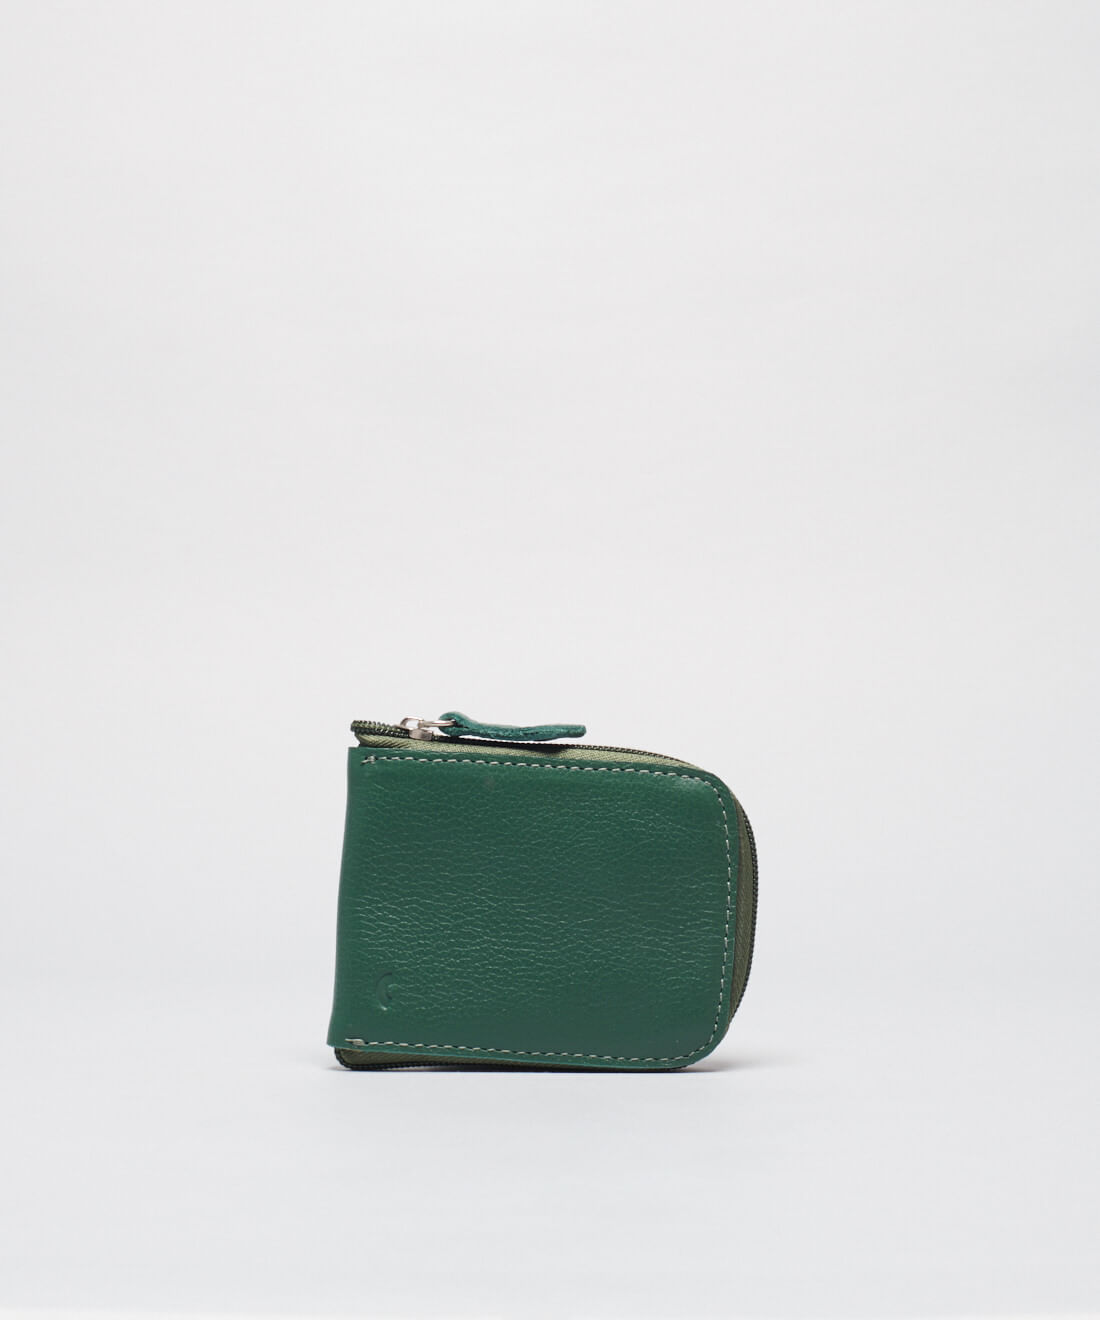 Porta Cartão Ziper - Verde